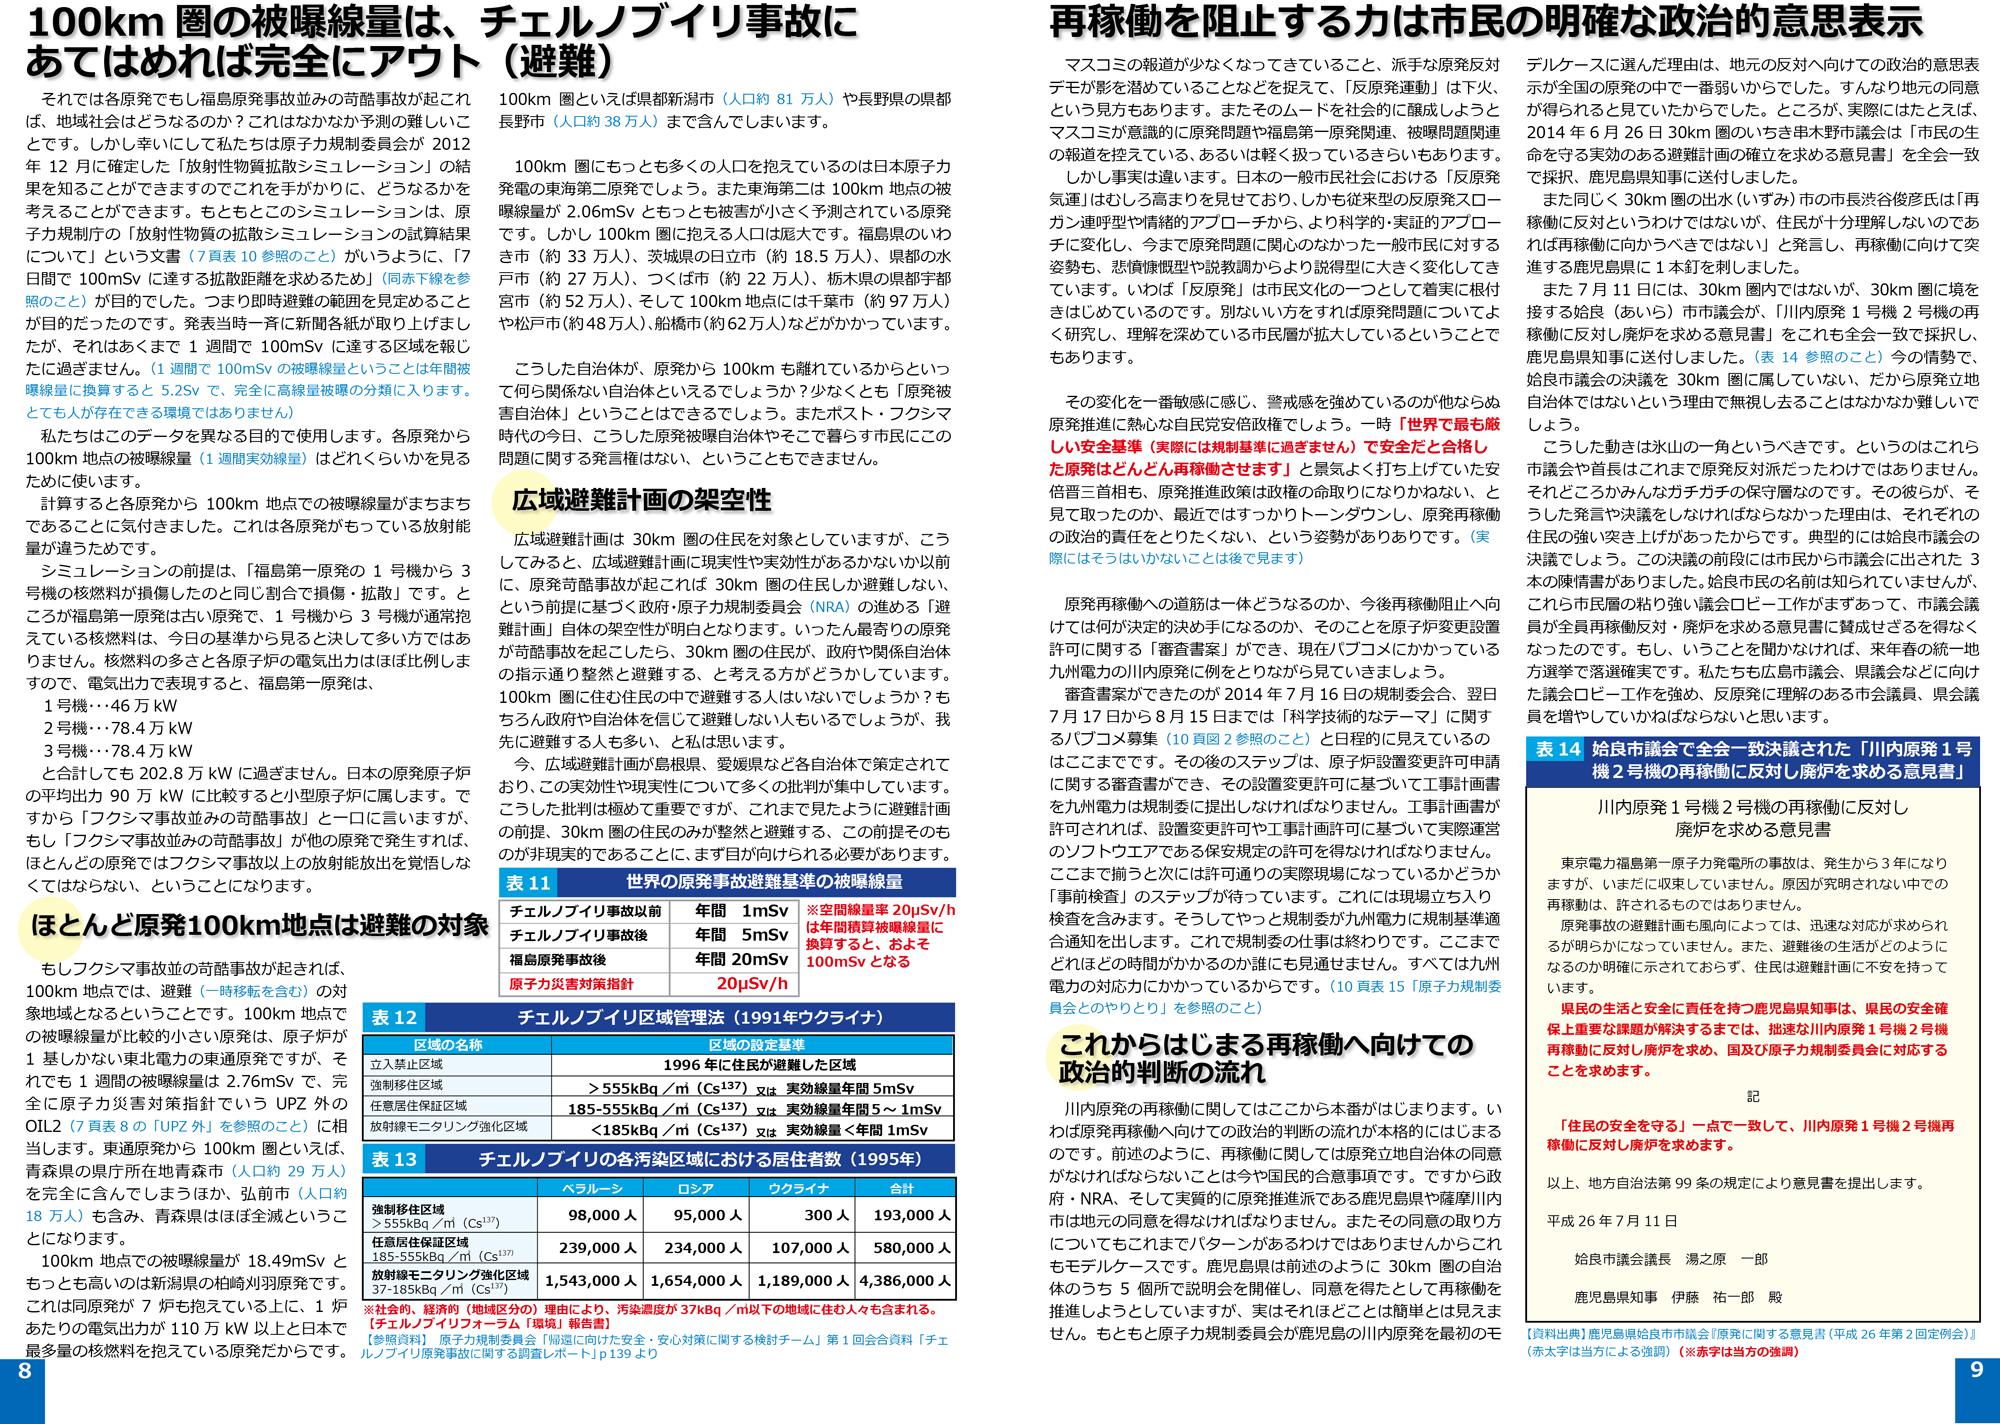 ファイル 27-5.jpg